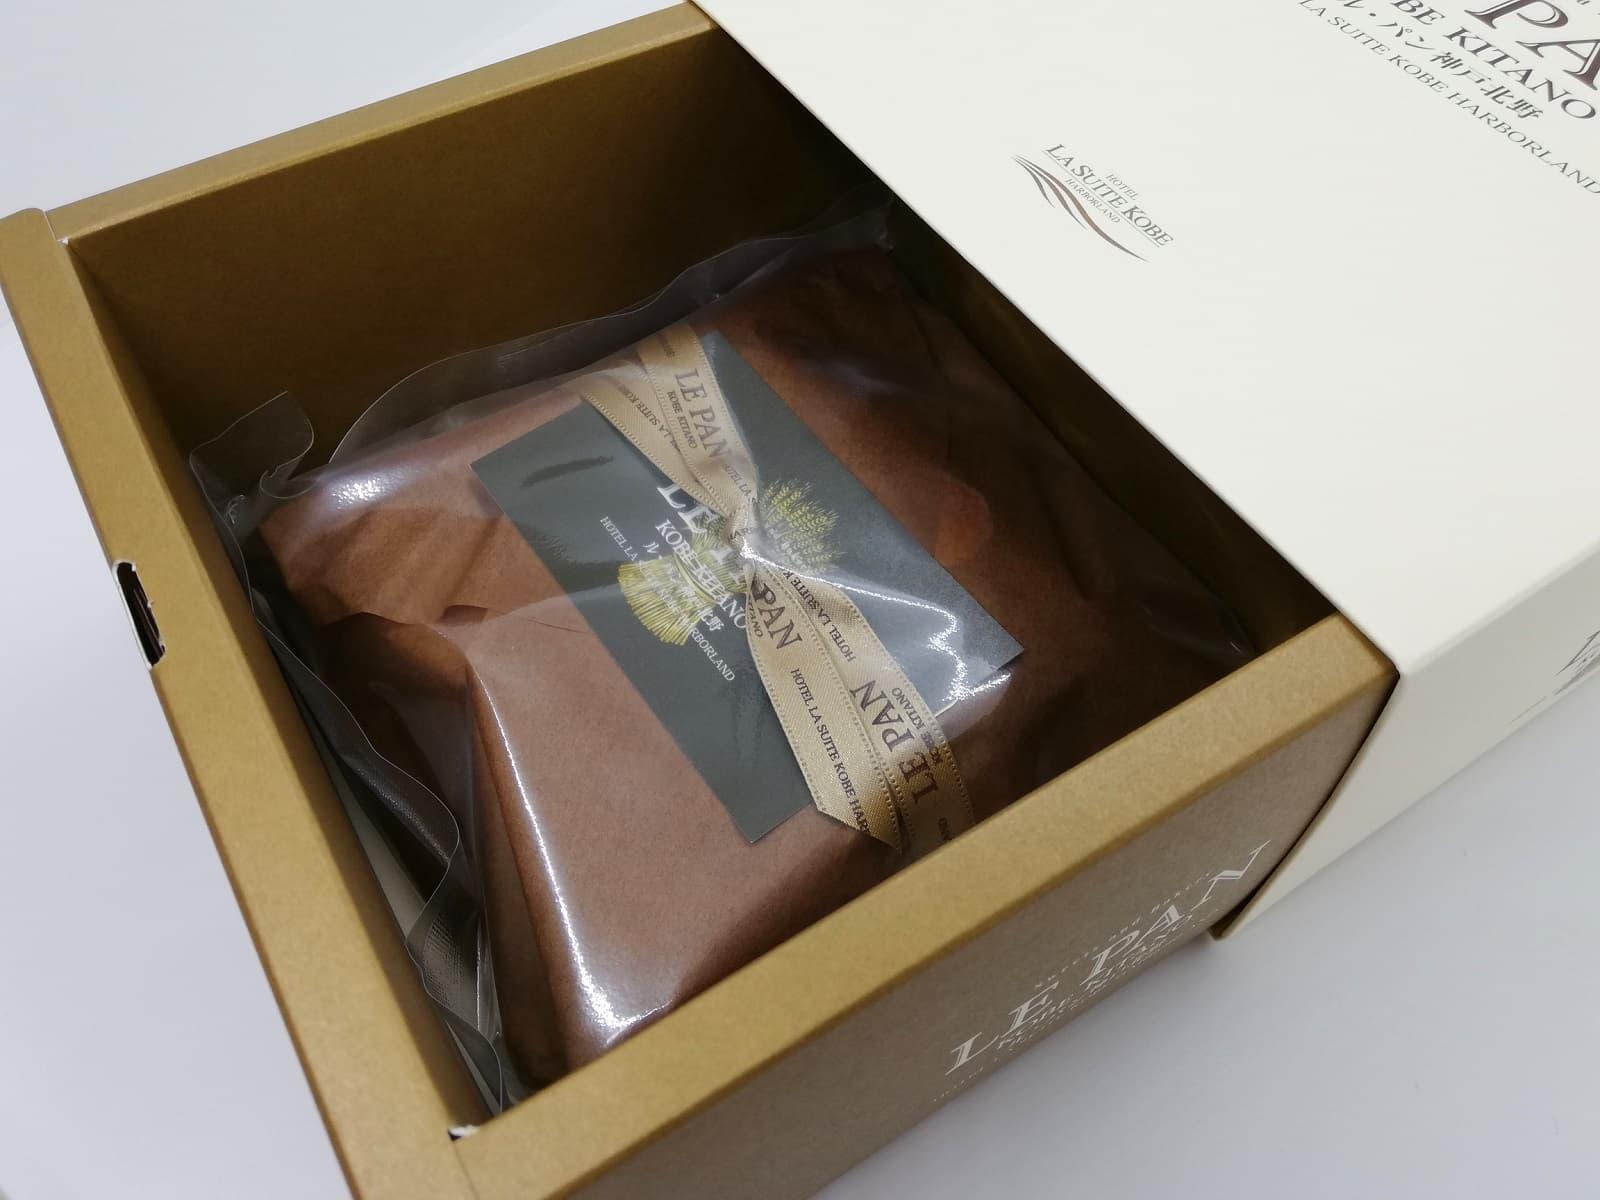 ラグジュアリー感が漂う、ル・パン神戸北野のアップルパイの箱